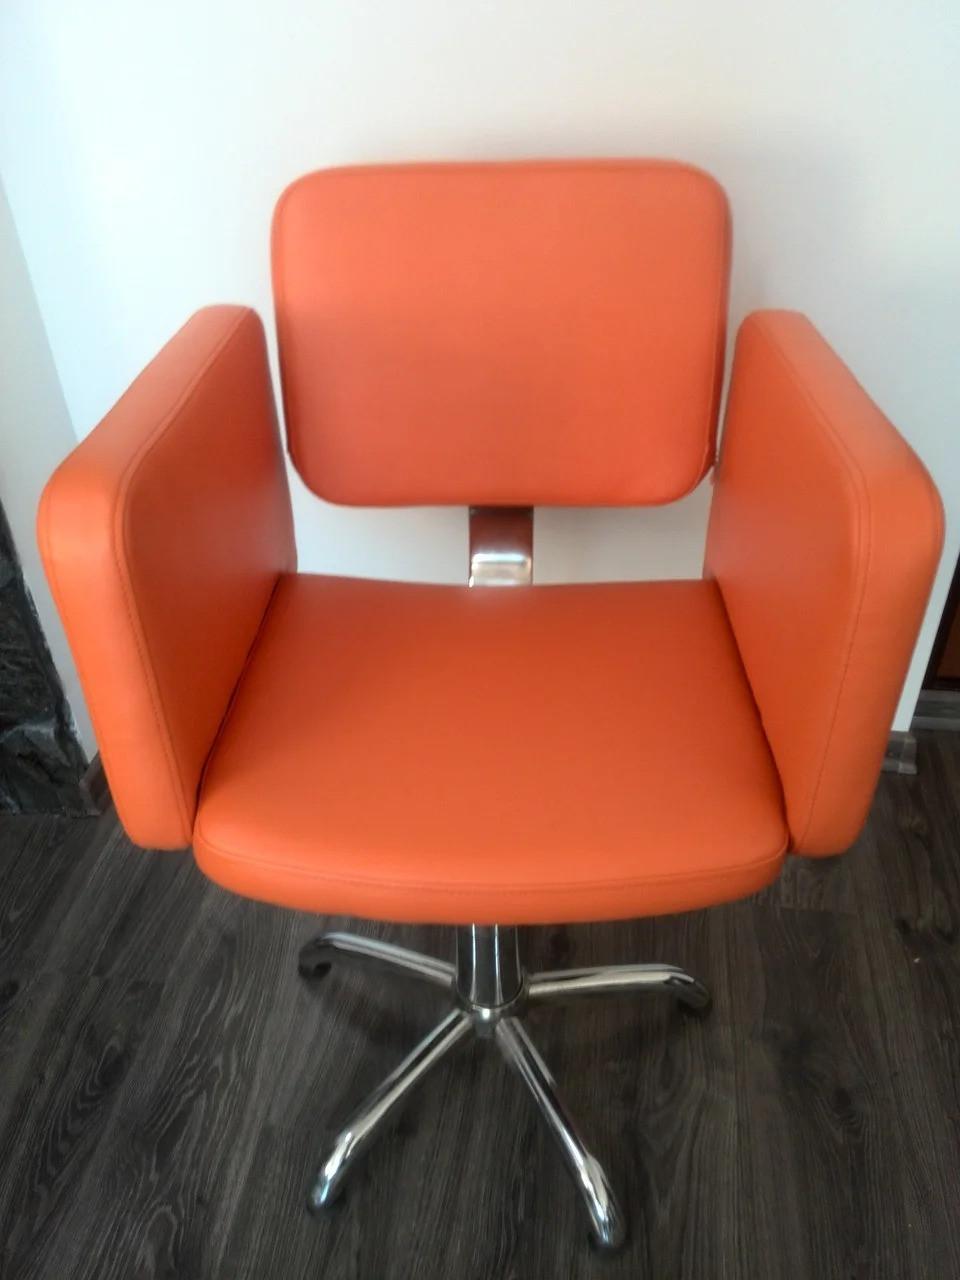 Кресло парикмахерское для салона красоты Олимп кресла для парикмахеров